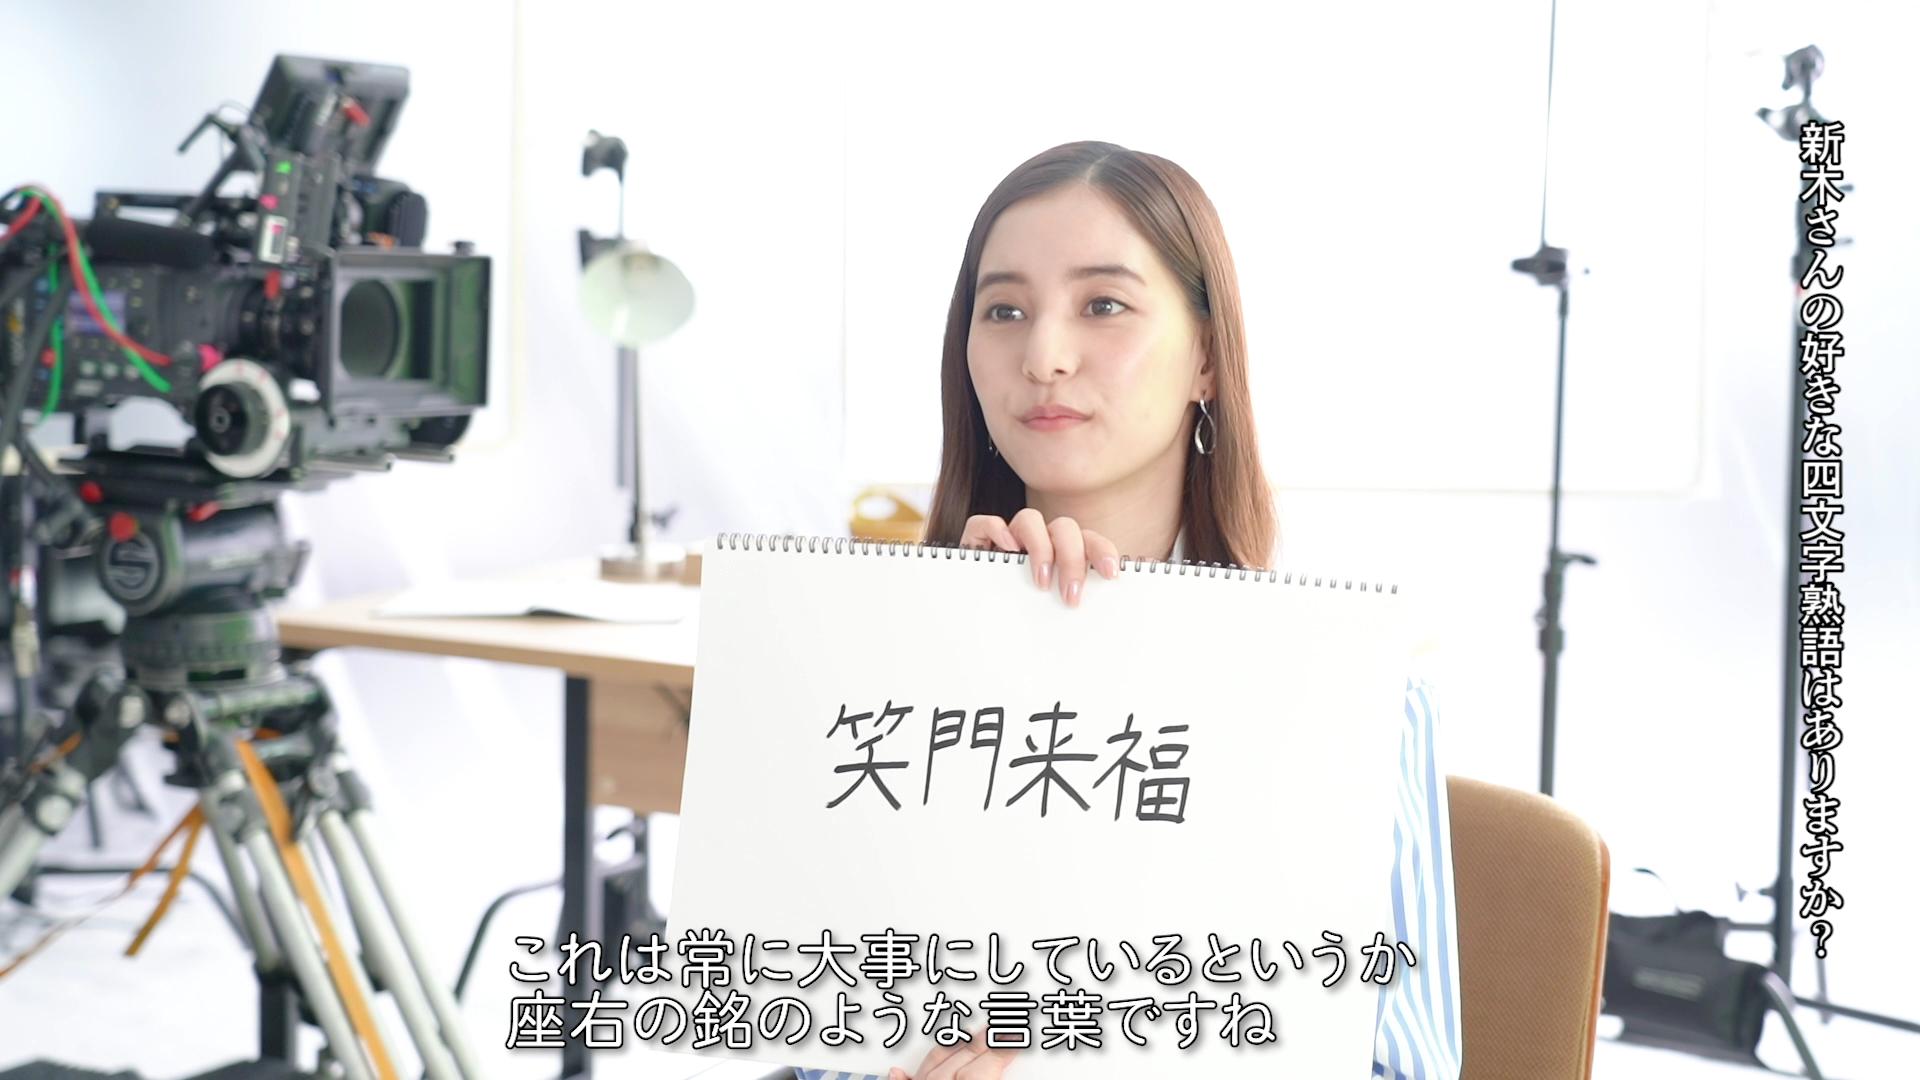 新木優子(あらき ゆうこ)/瞬間清涼CM 女優、モデル インタビュー